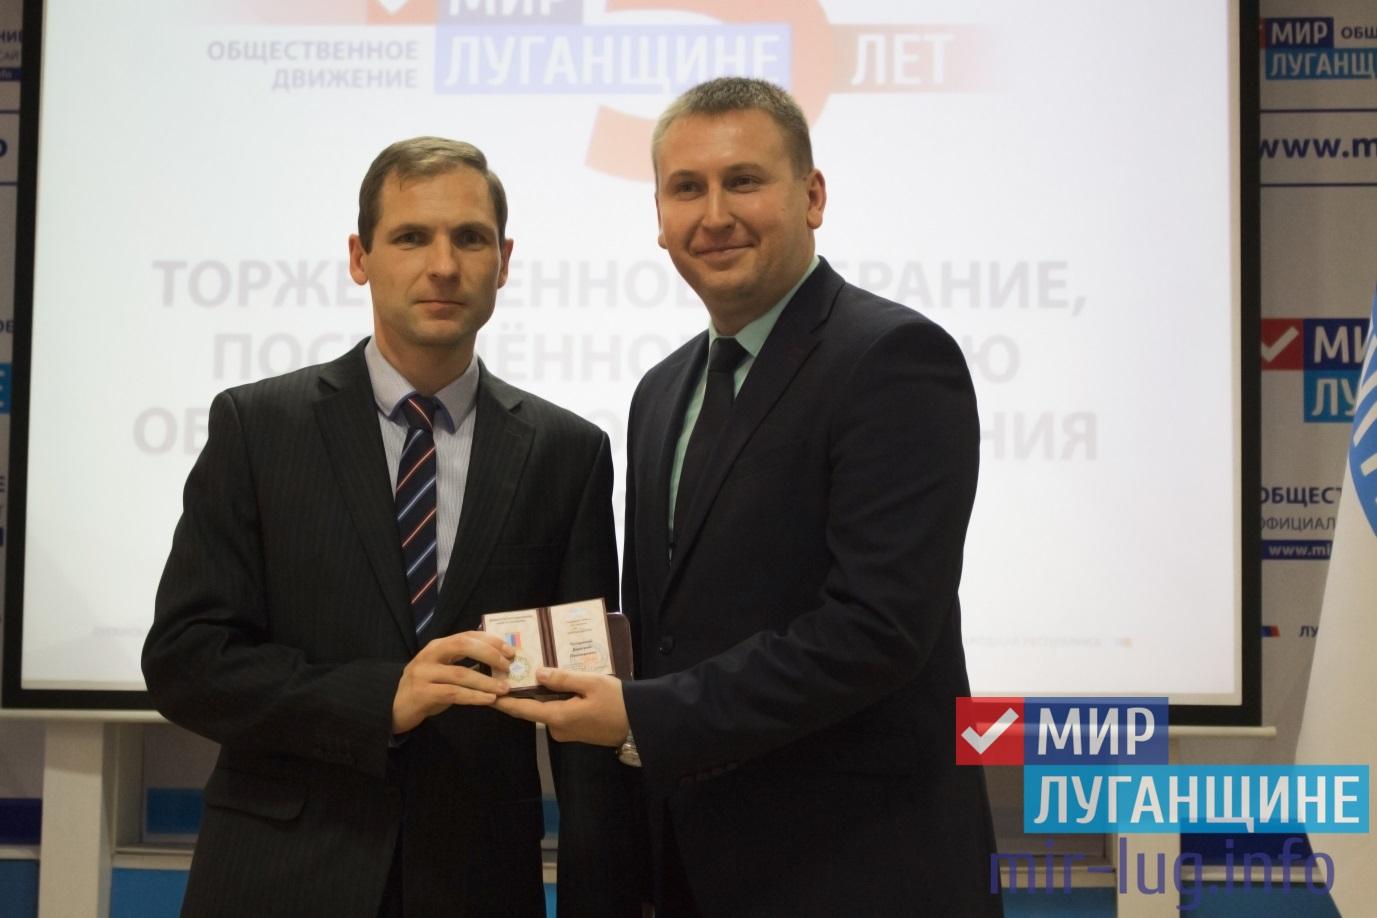 В Луганске состоялось торжественное награждение участников Общественного движения «Мир Луганщине» 1